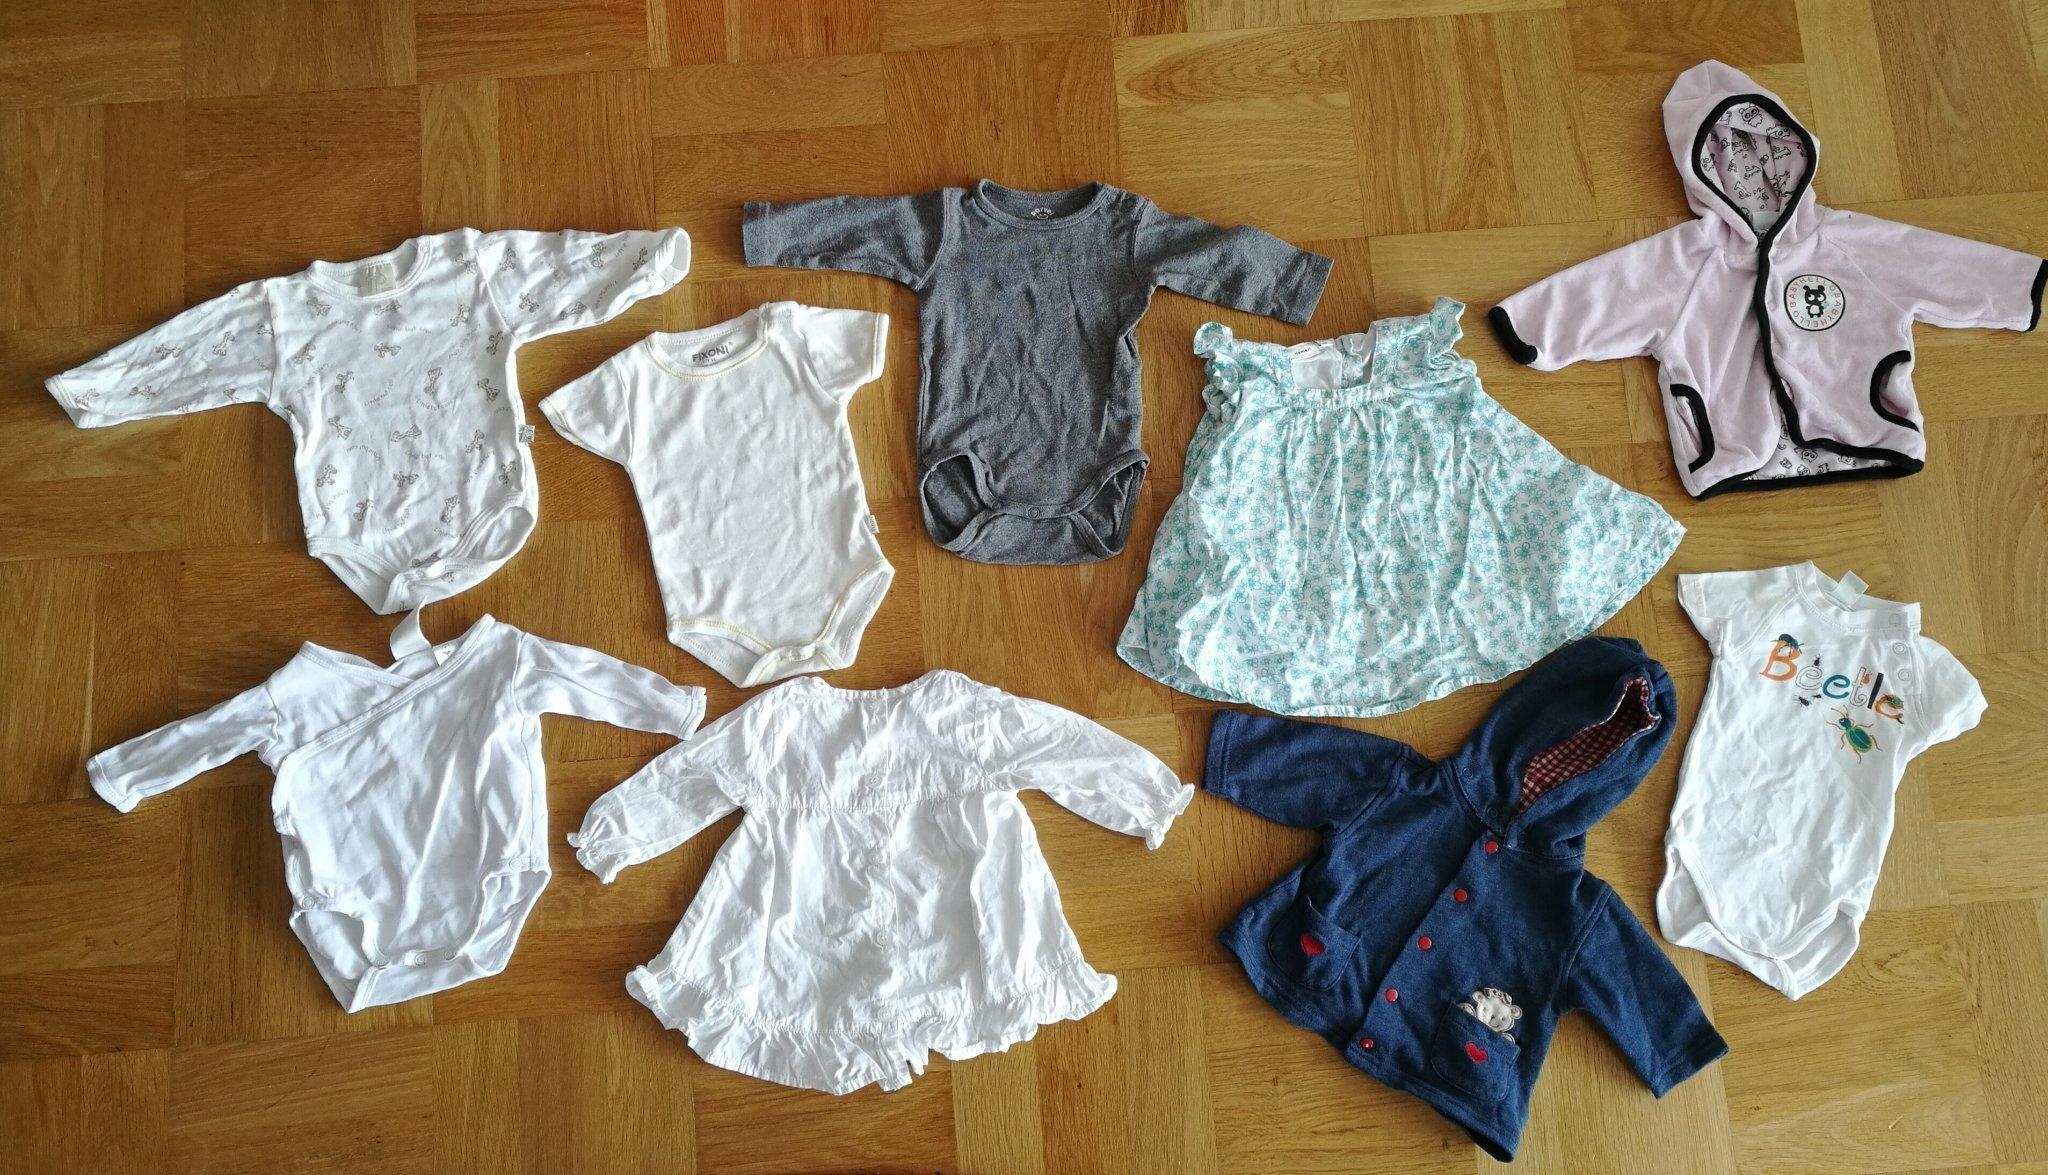 1712c6fdc9b8 KLÄDPAKET NR 10 (9 x kläder i storlek 50/56) (349749868) ᐈ Köp på ...